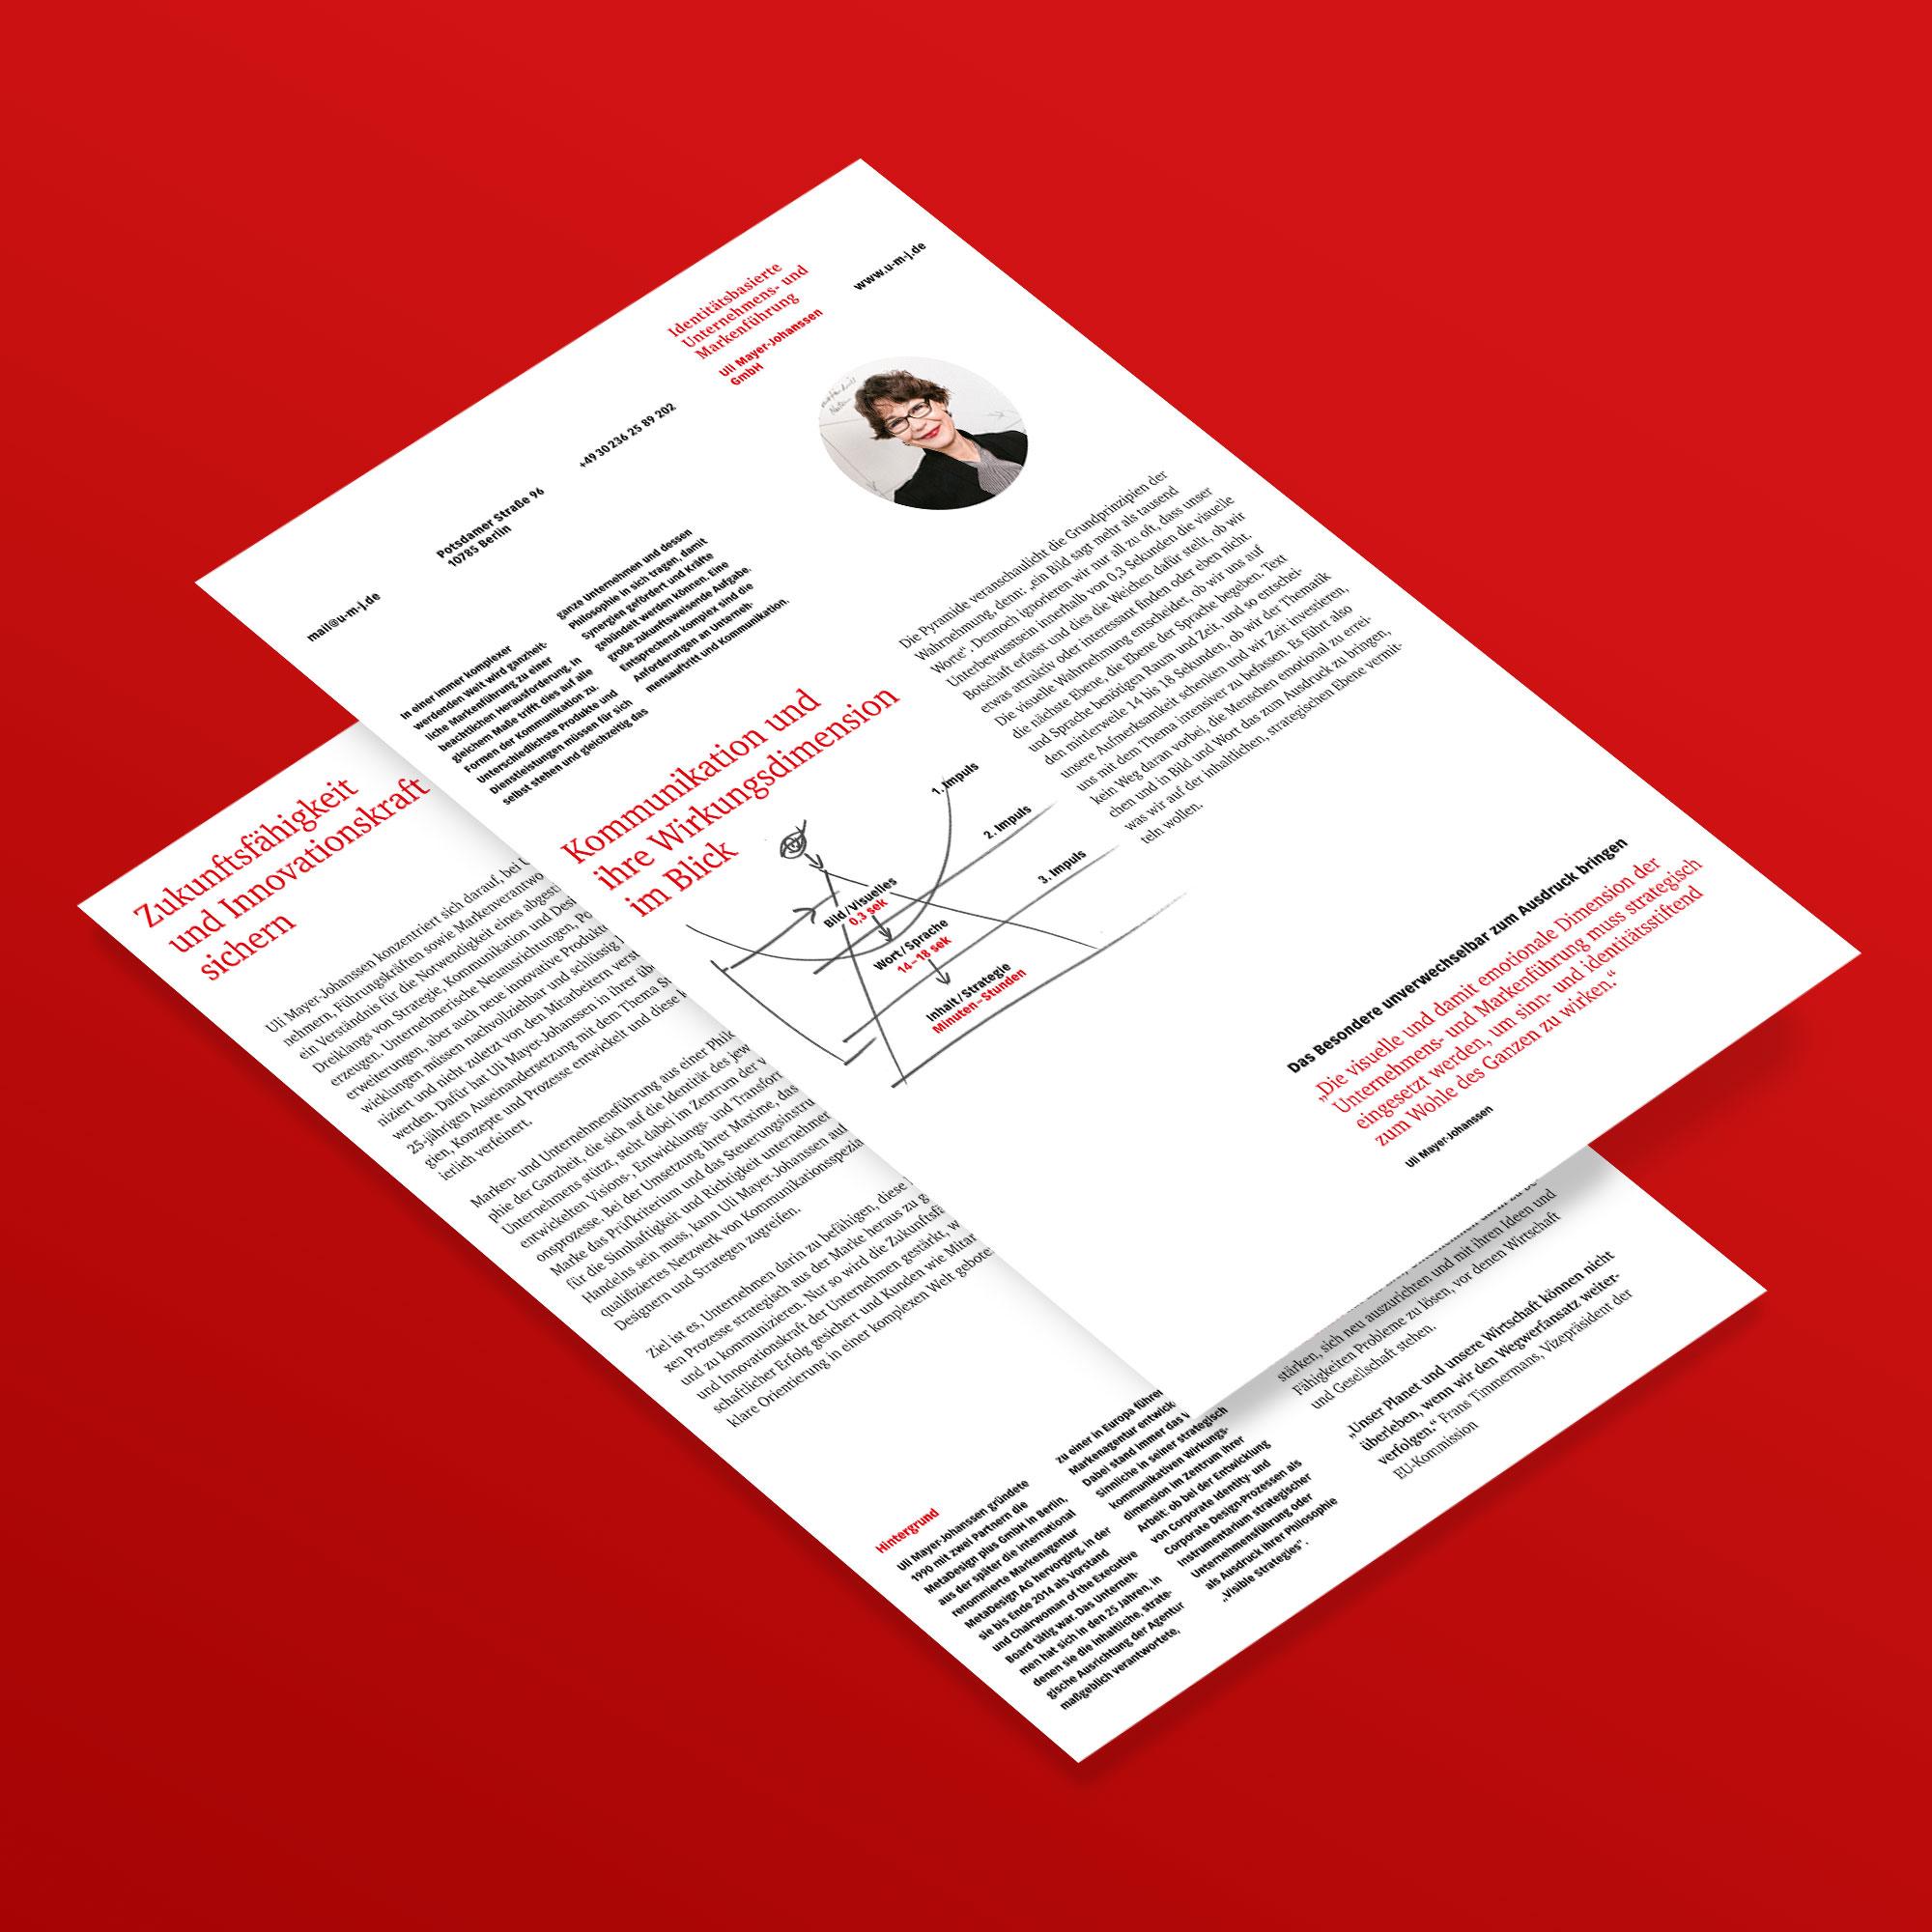 Das Besondere unverwechselbar zum Ausdruck bringen: Flyer der UMJ GmbH